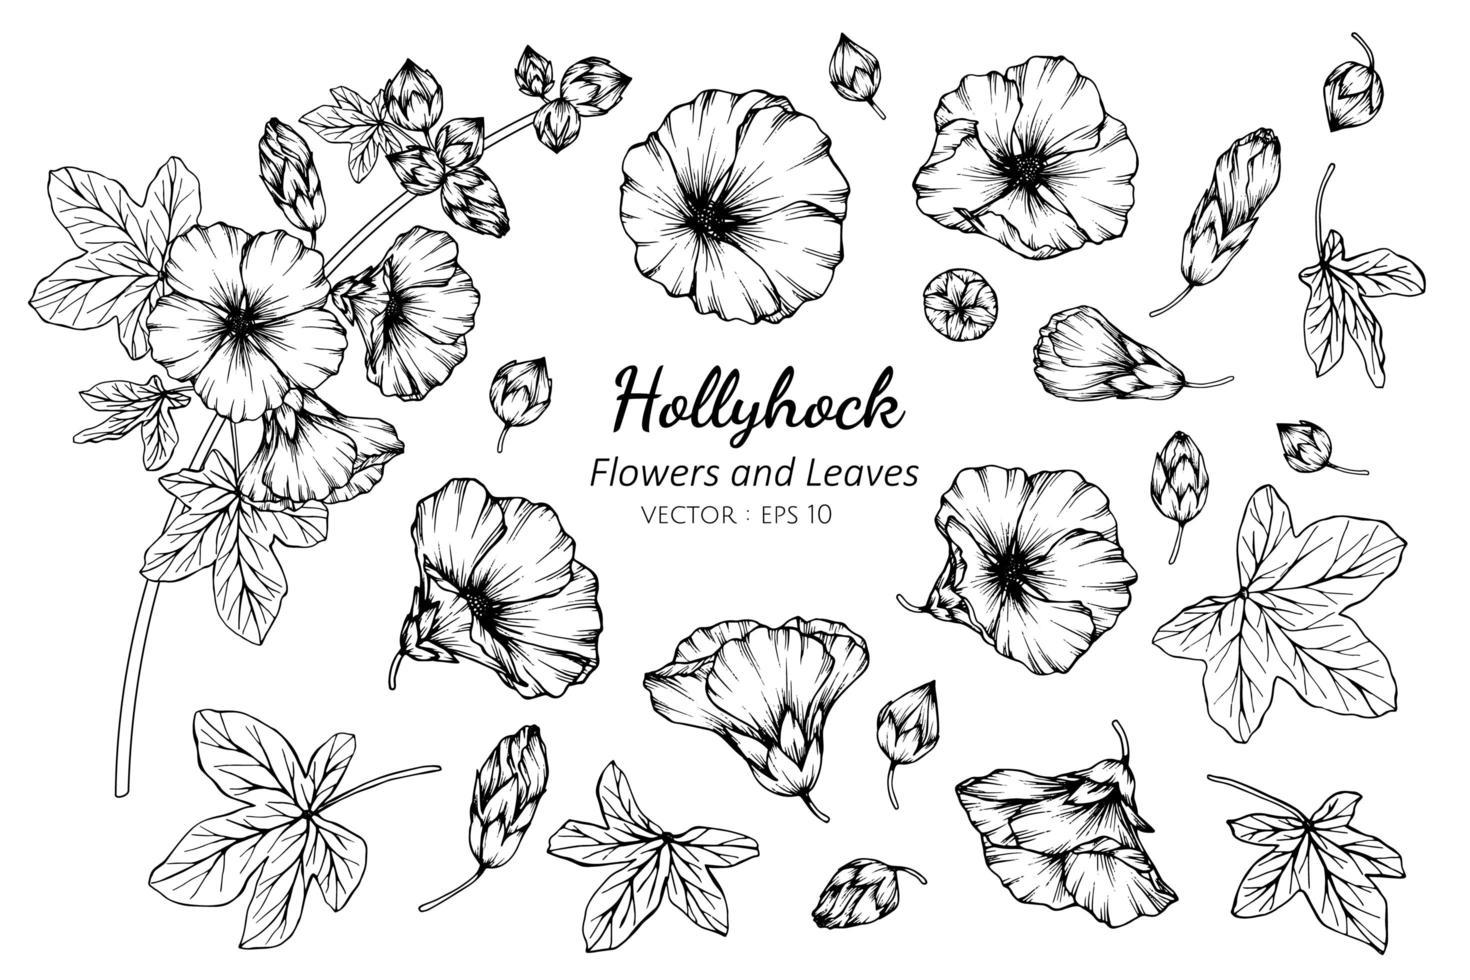 Sammlung von Stockrose Blumen und Blättern vektor